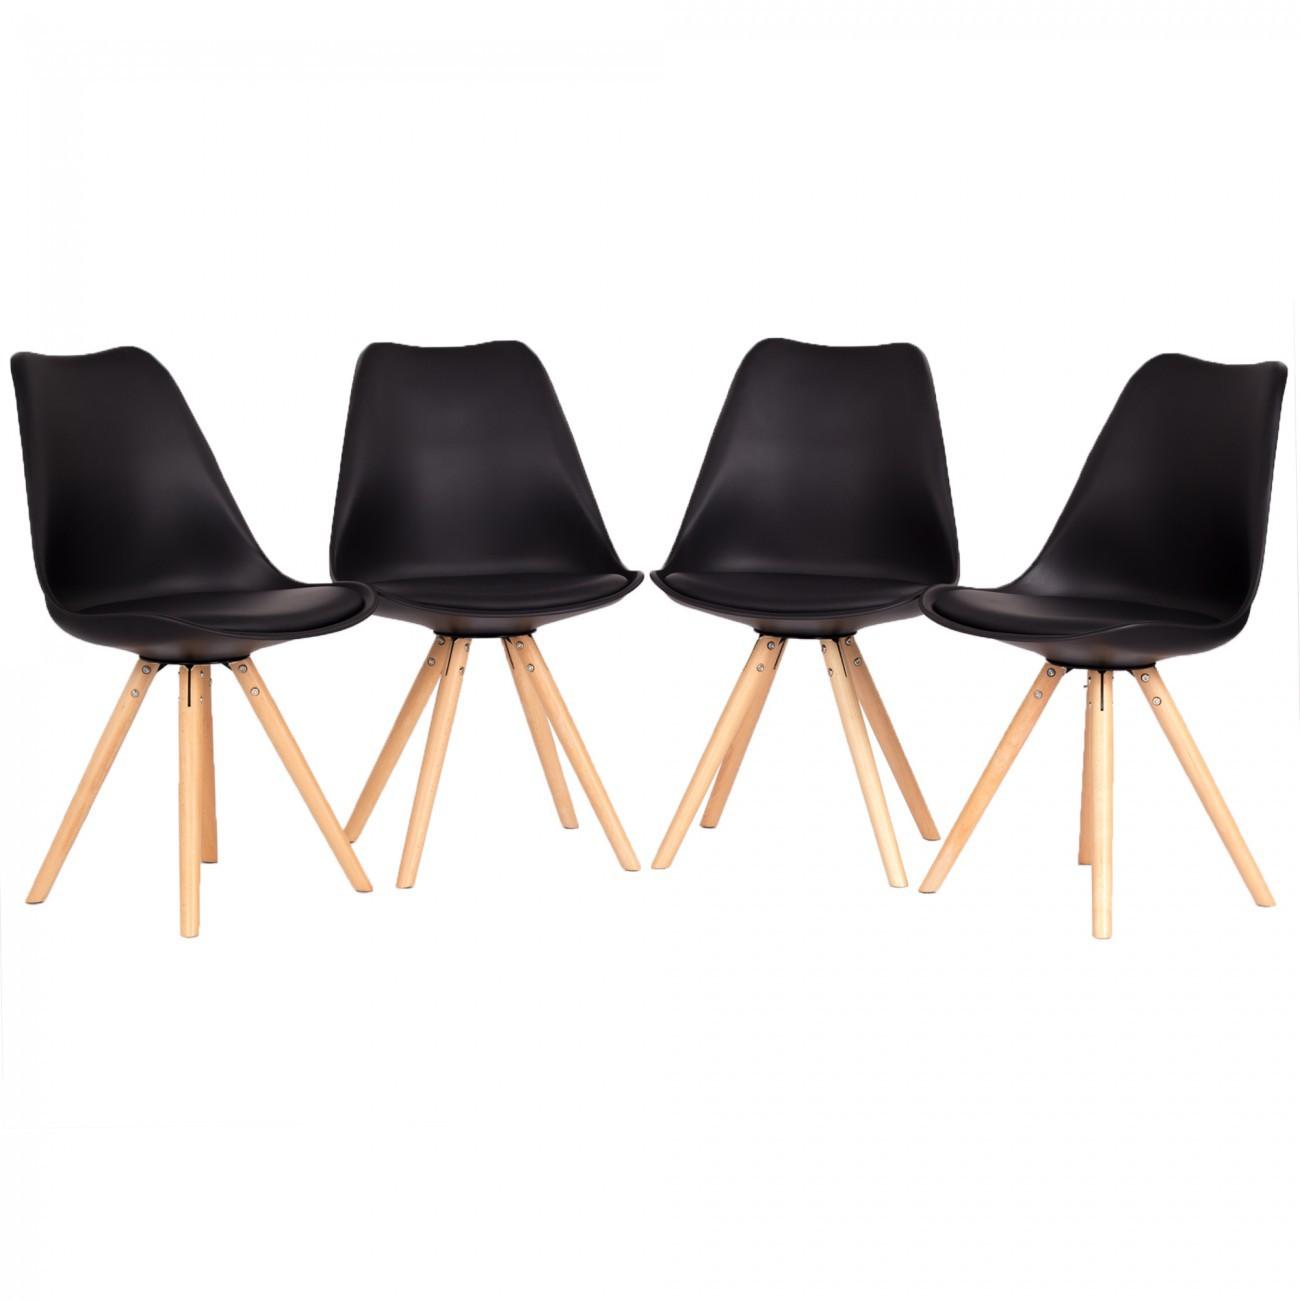 my sit retro stuhl design stuhl mool 4er set in schwarz. Black Bedroom Furniture Sets. Home Design Ideas